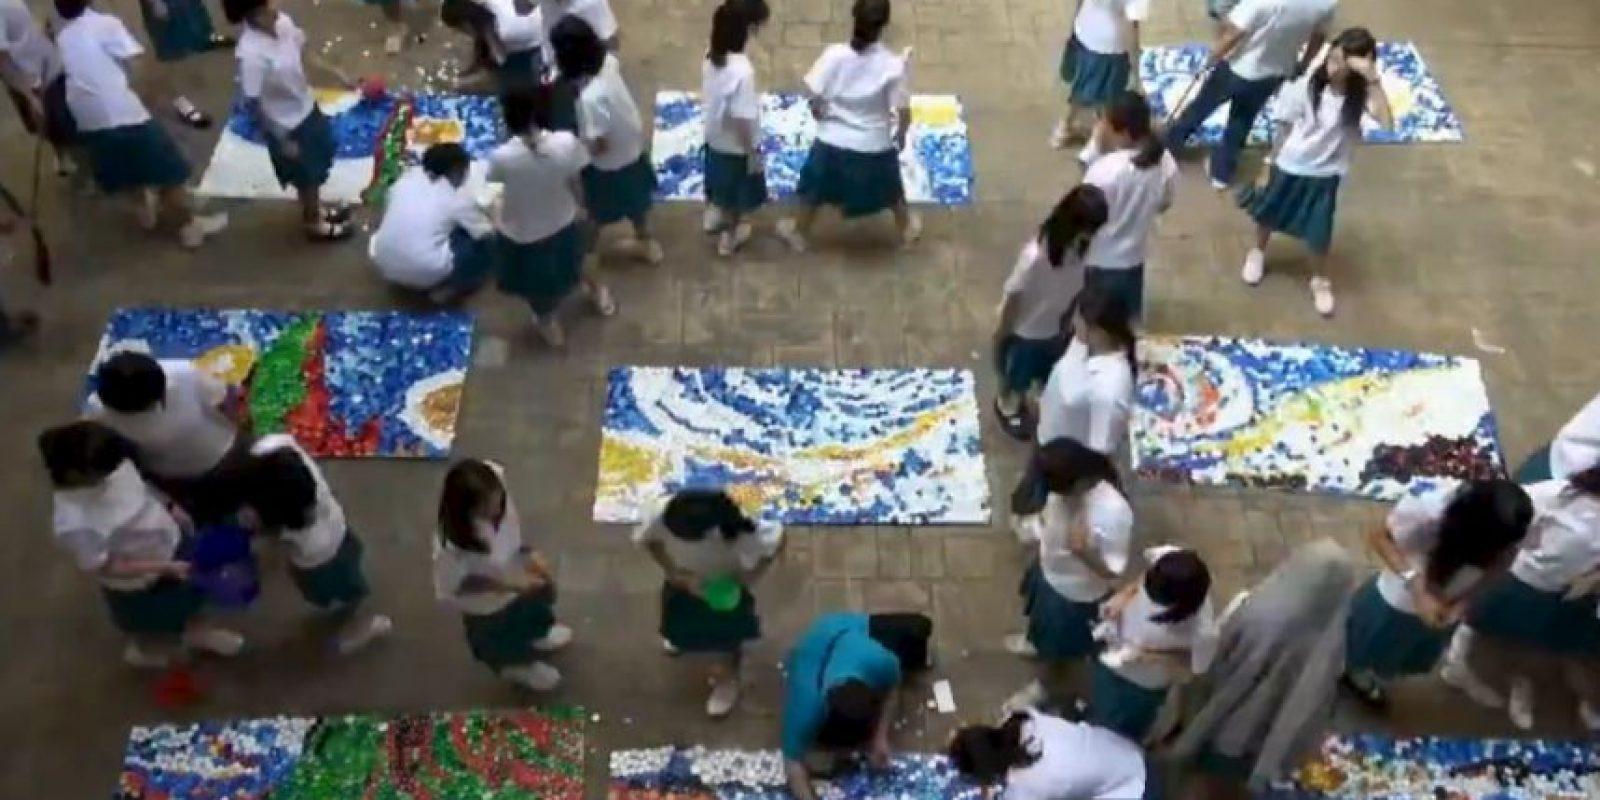 Sin embargo, la obra fue pintada durante el día, de memoria. Foto:Vía facebook.com/www.smgsh.tc.edu.tw